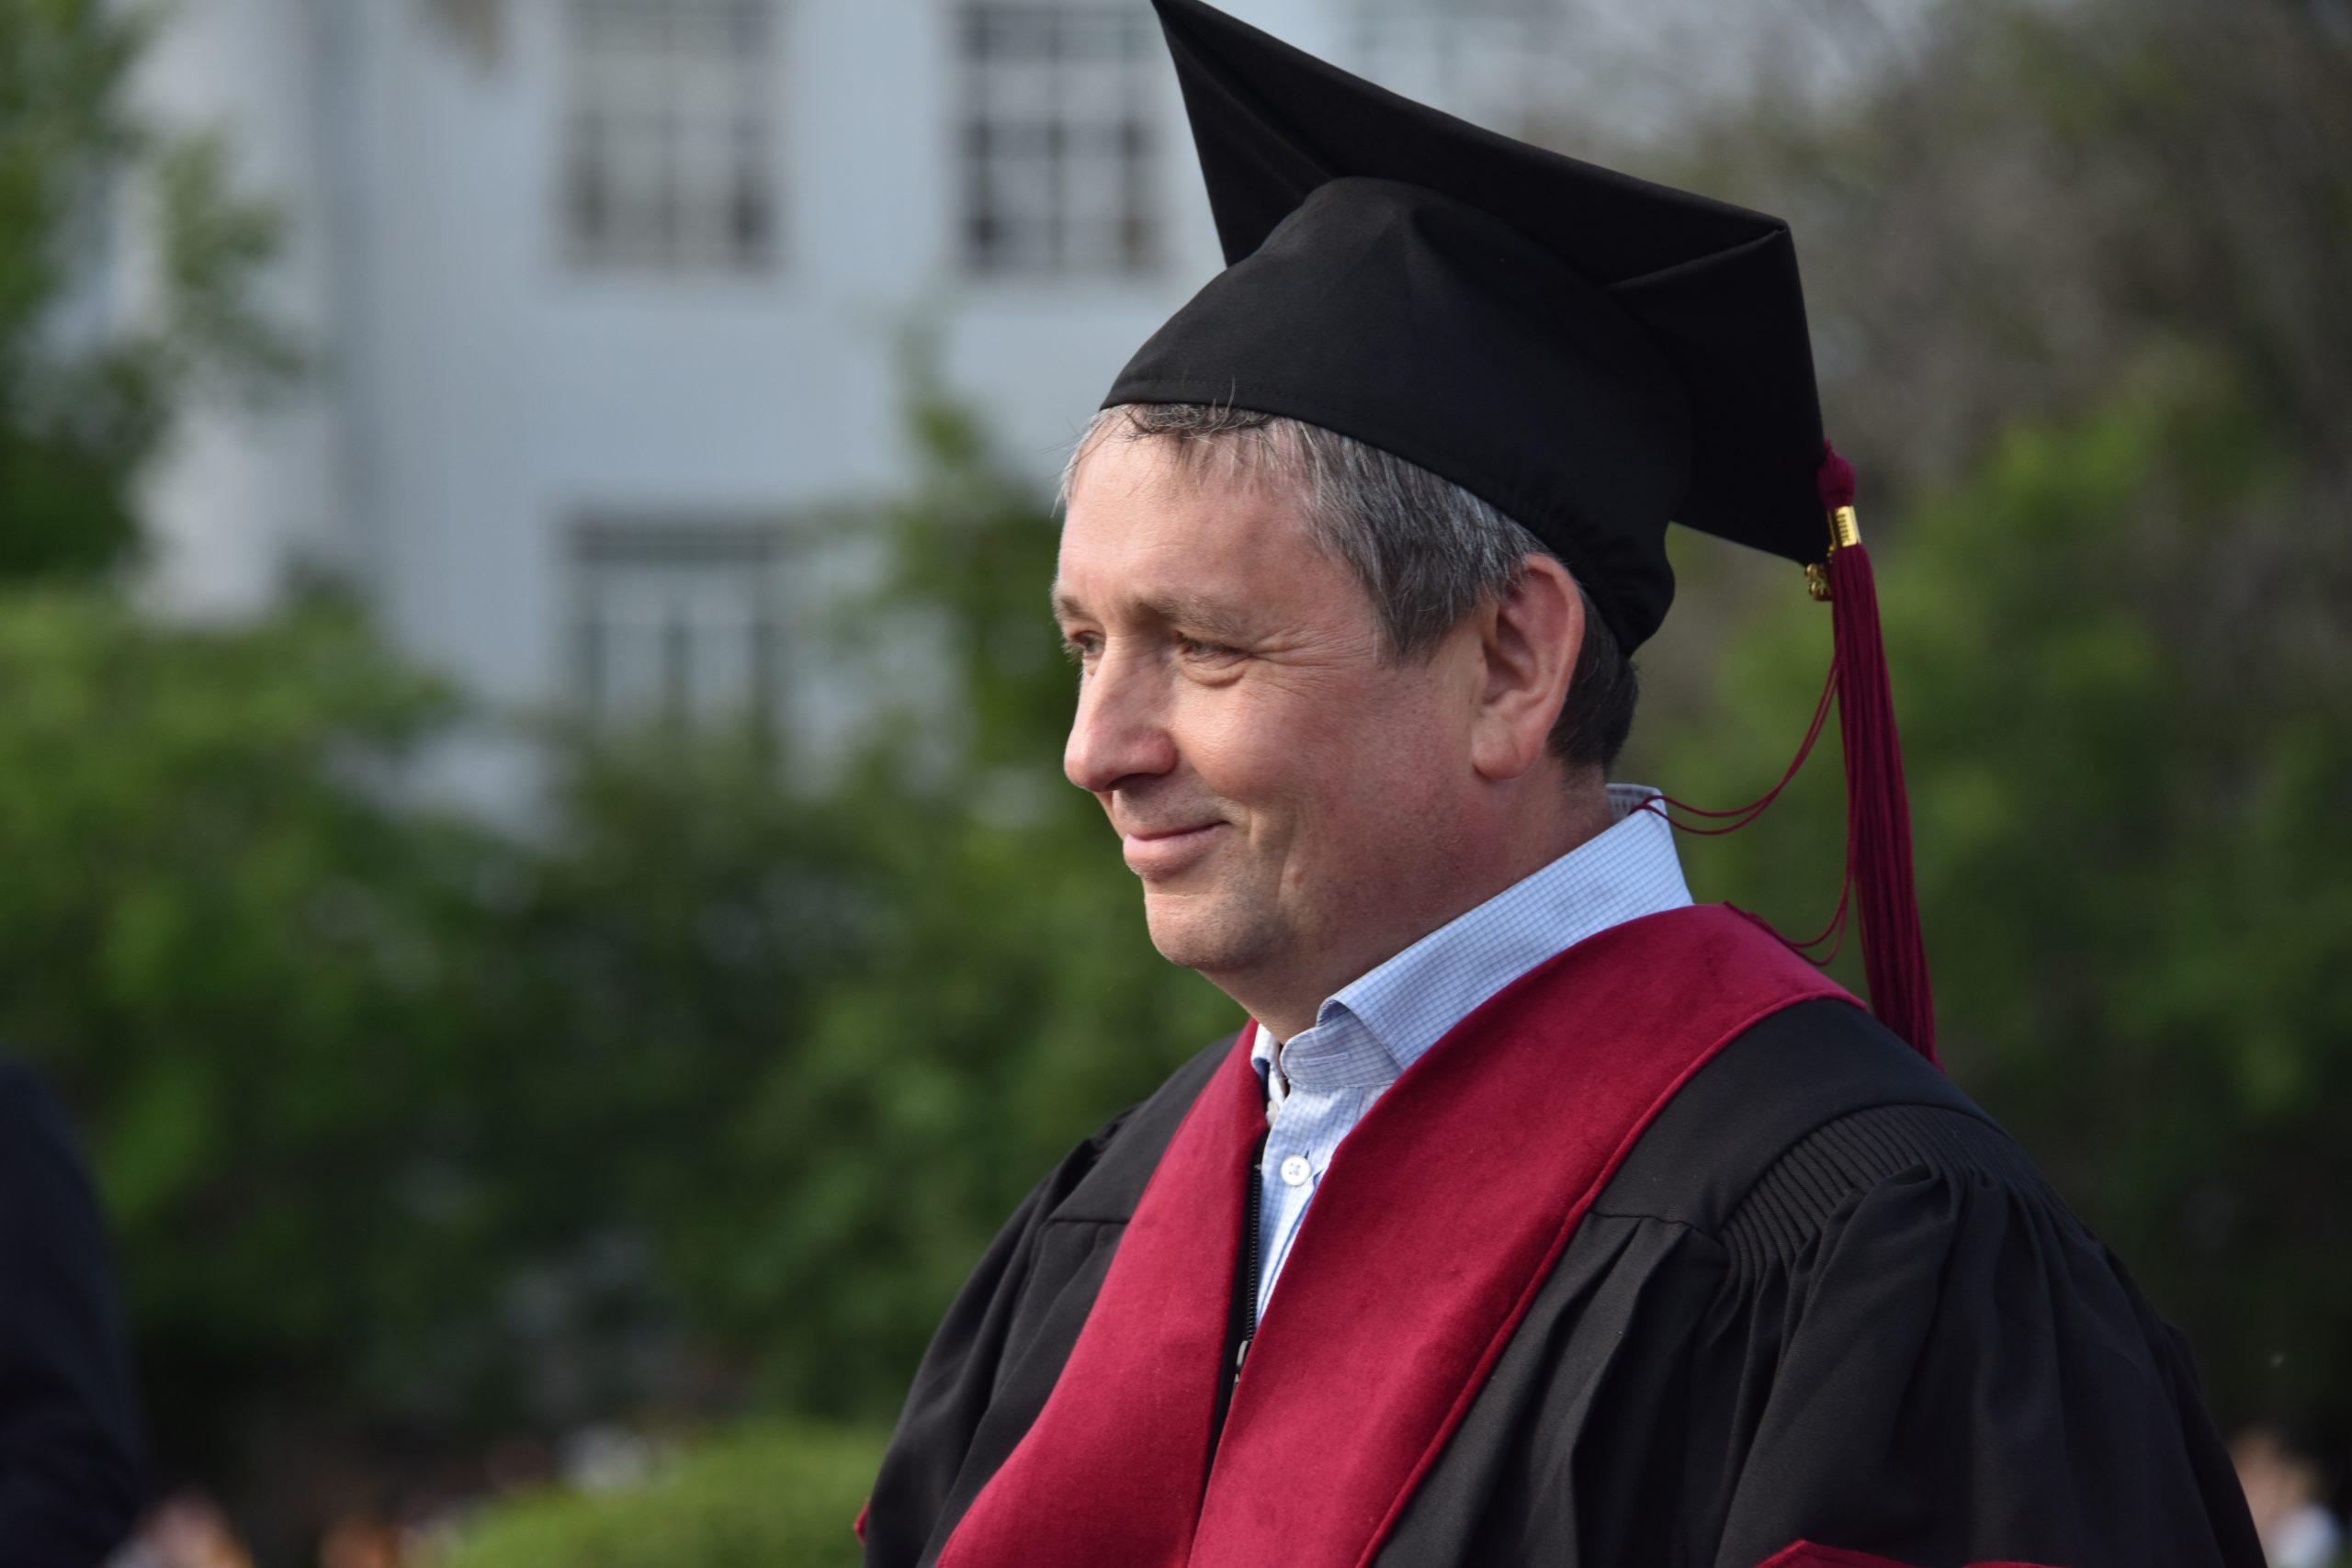 乌拉尔联邦大学校长维克托·卡克沙罗夫在2020年4月由俄罗斯联邦总理米哈伊尔·米舒斯京签署文件,延长其5年任期至2025年